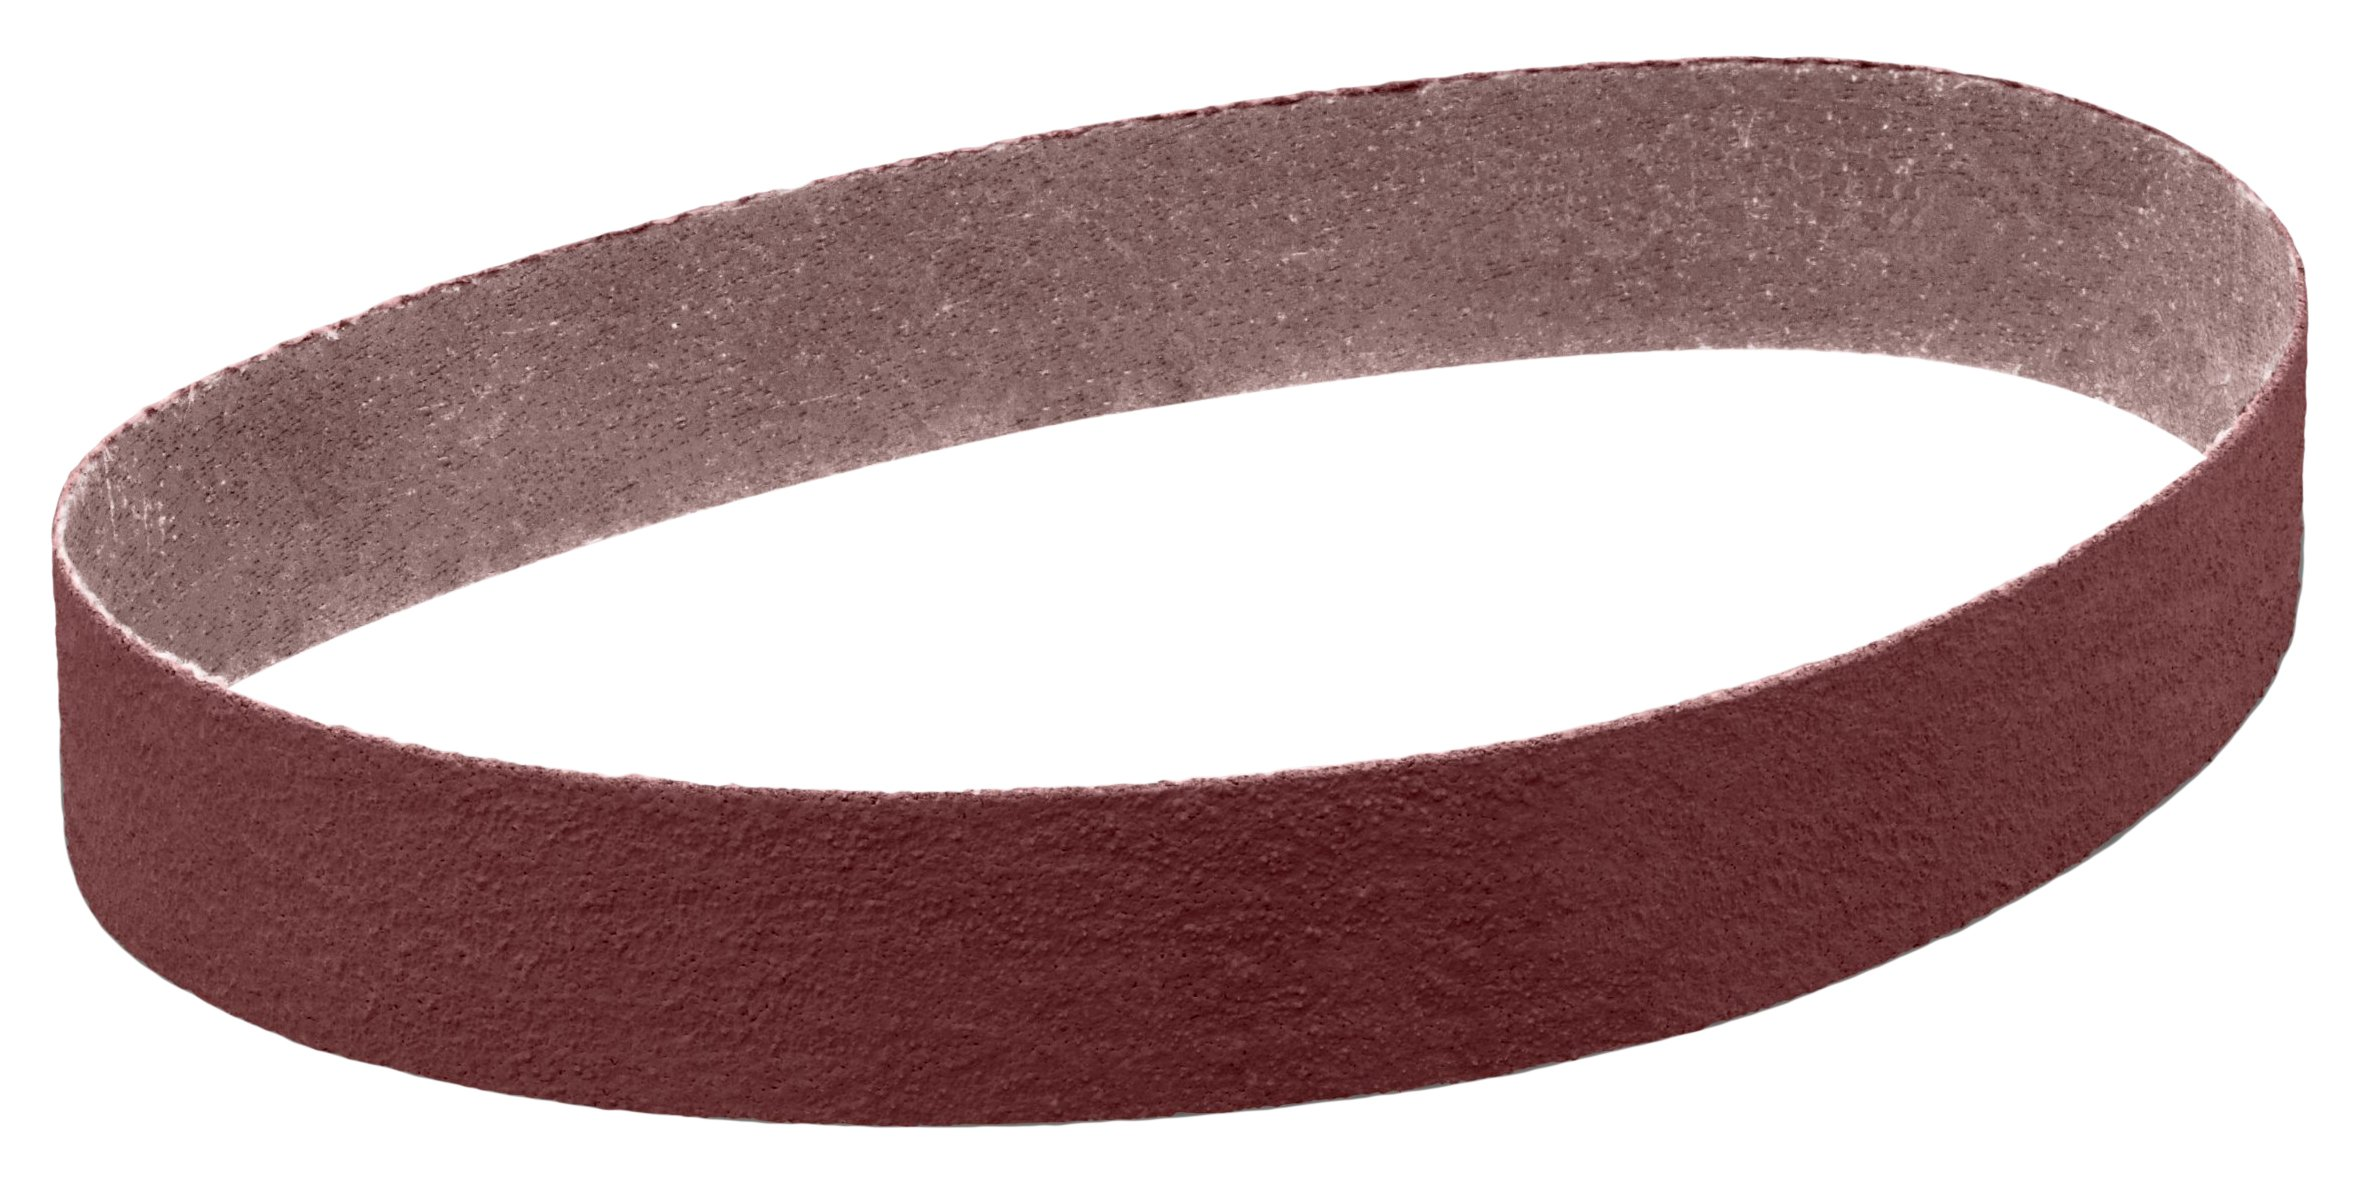 3M 76336-case Cloth Belt 341D, P150 X-Weight, 2'' x 72'', Aluminum Oxide, Brown (Pack of 50)